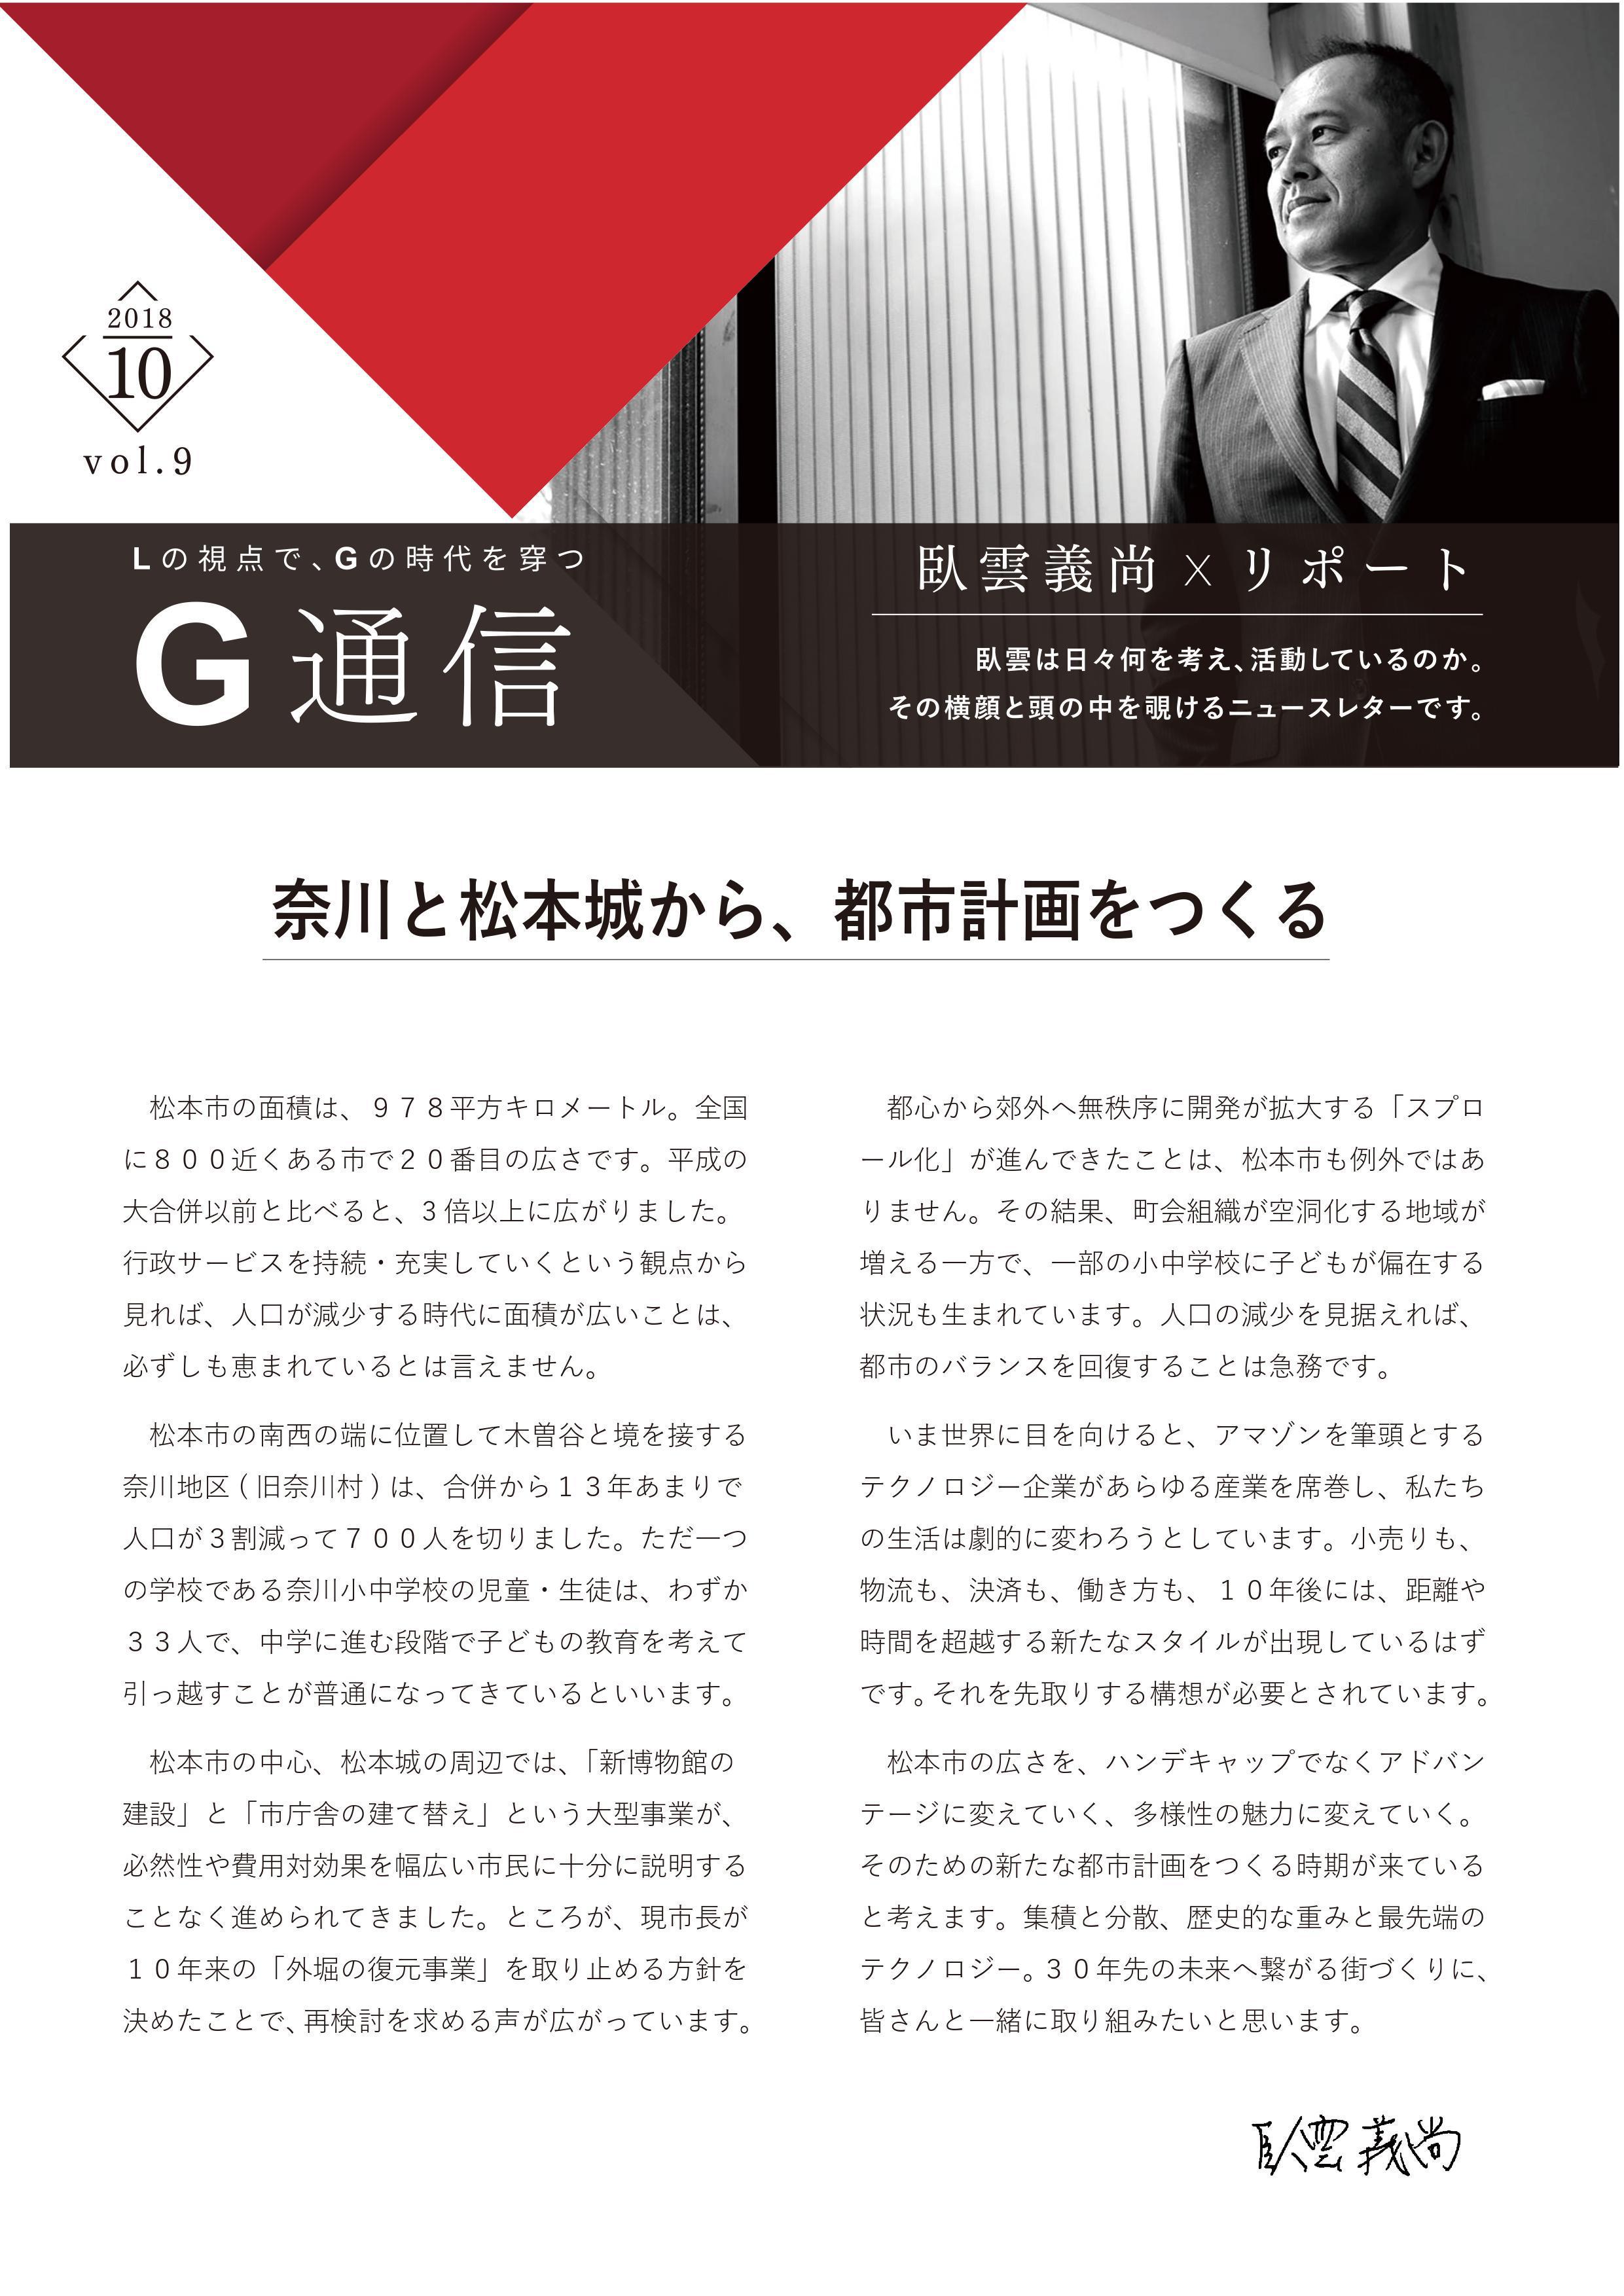 G通信Vol.9 奈川と松本城から、都市計画をつくる